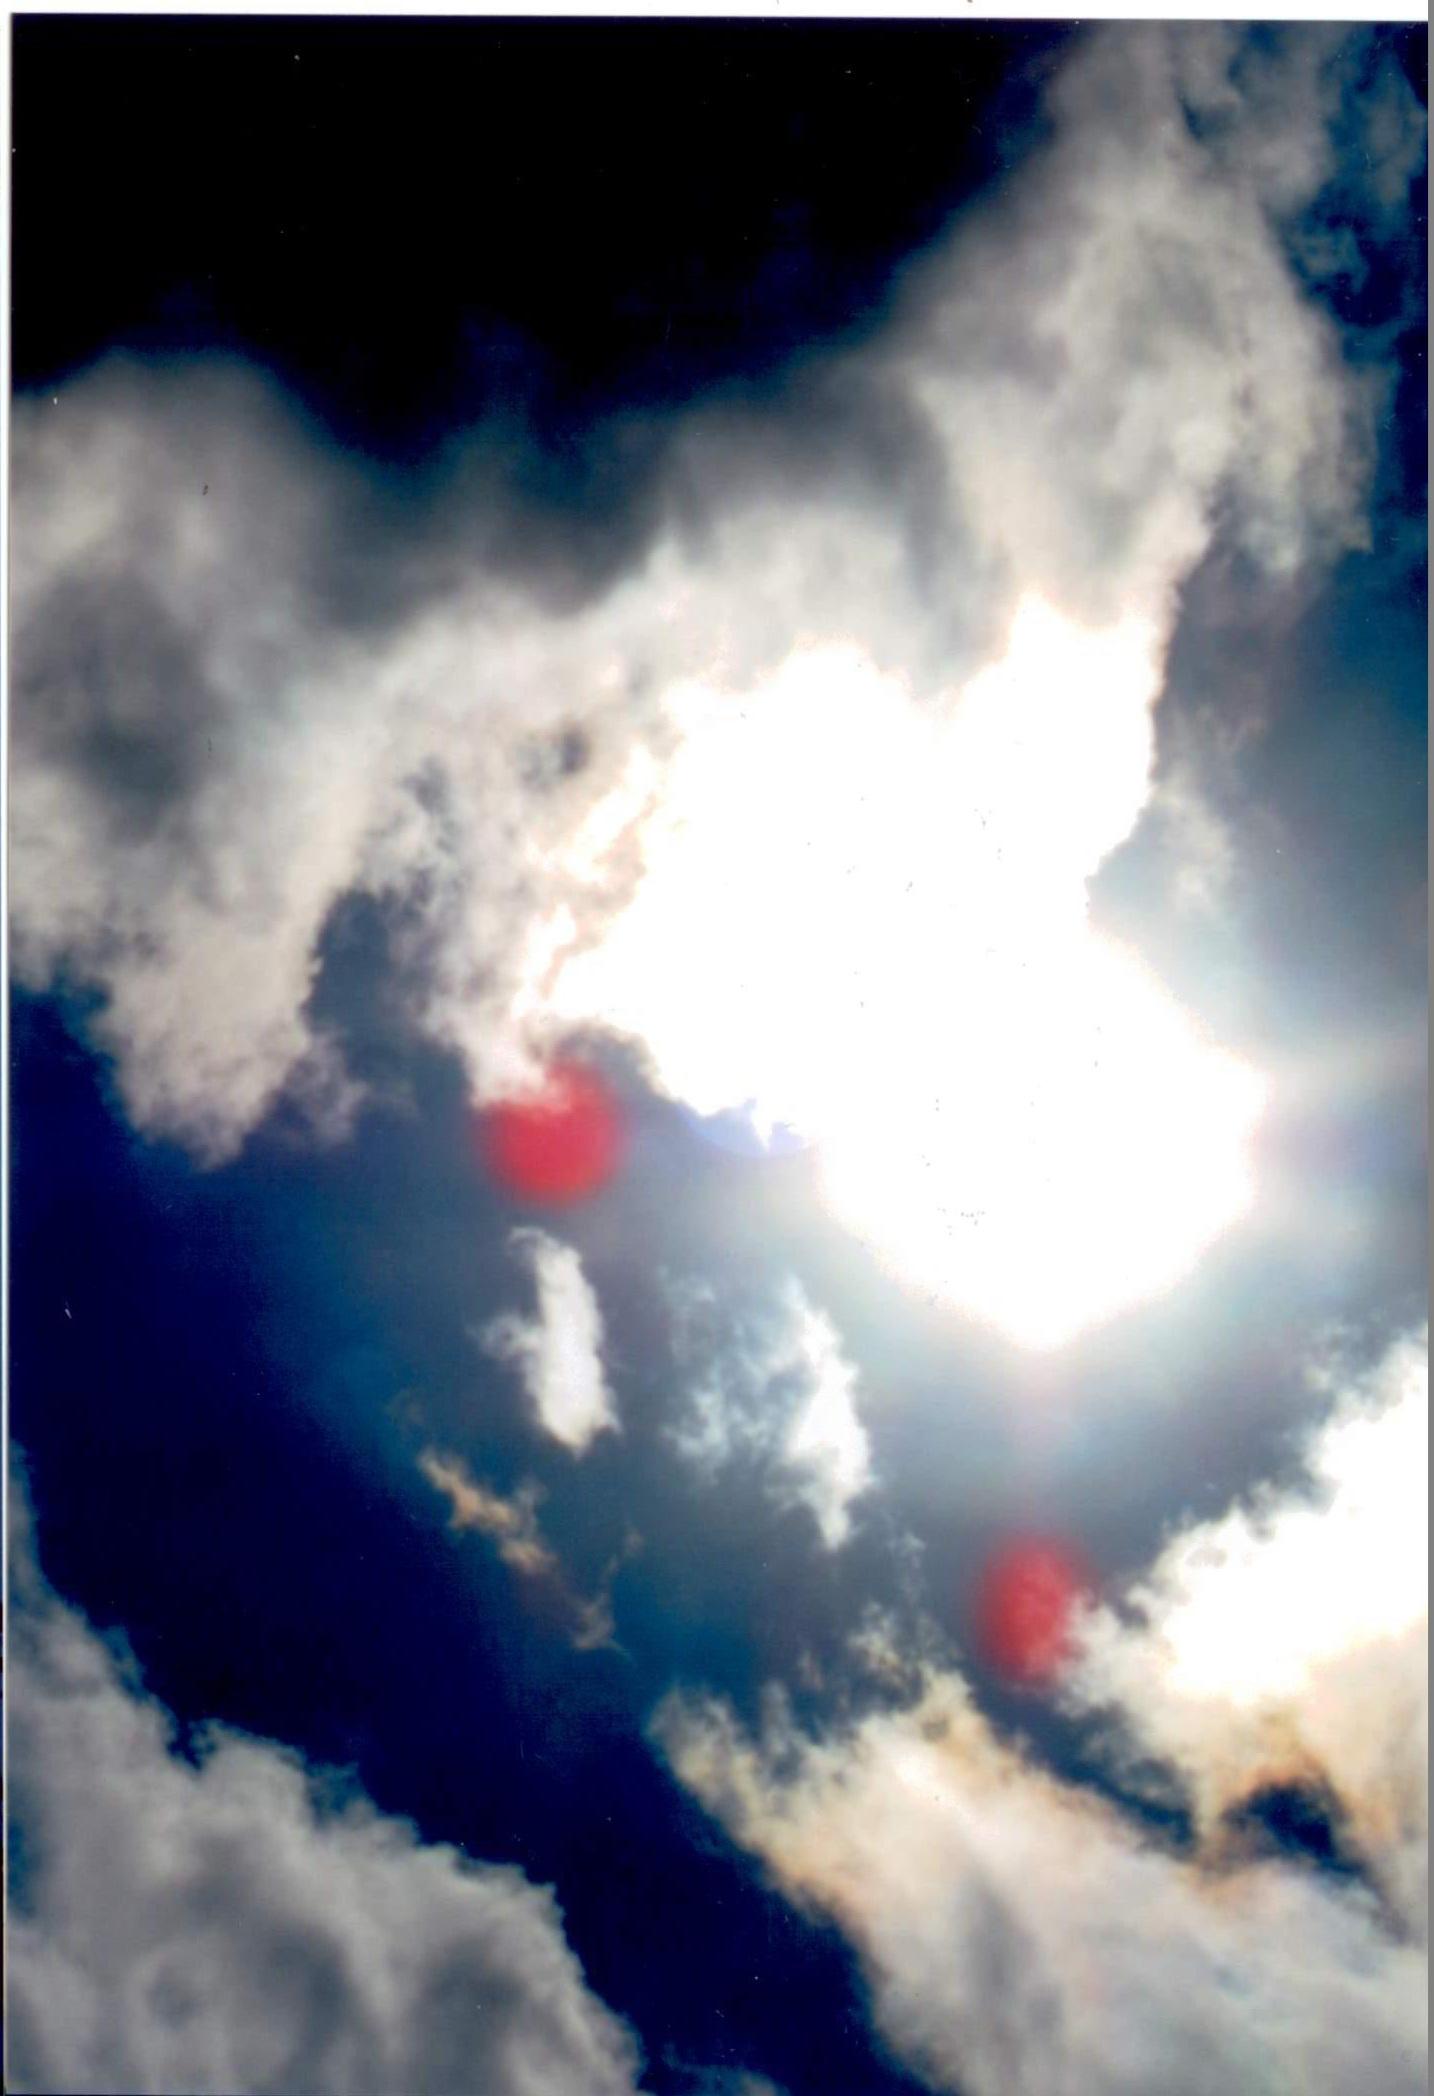 I falconi spiriti in questa foto chiedono la pace. Come li può dare la pace quando vogliono impedire la crezione normale che tante persone devono andare dai dottori a fare invitrio per una donna per avere i figli. Questo DIO UNIVERSALE non lo permette di vivere in questo modo. Per questo motivo e scoppiata la guerra in spirito per aggiustare la creazione come DIO UNIVERSALE ha creato.